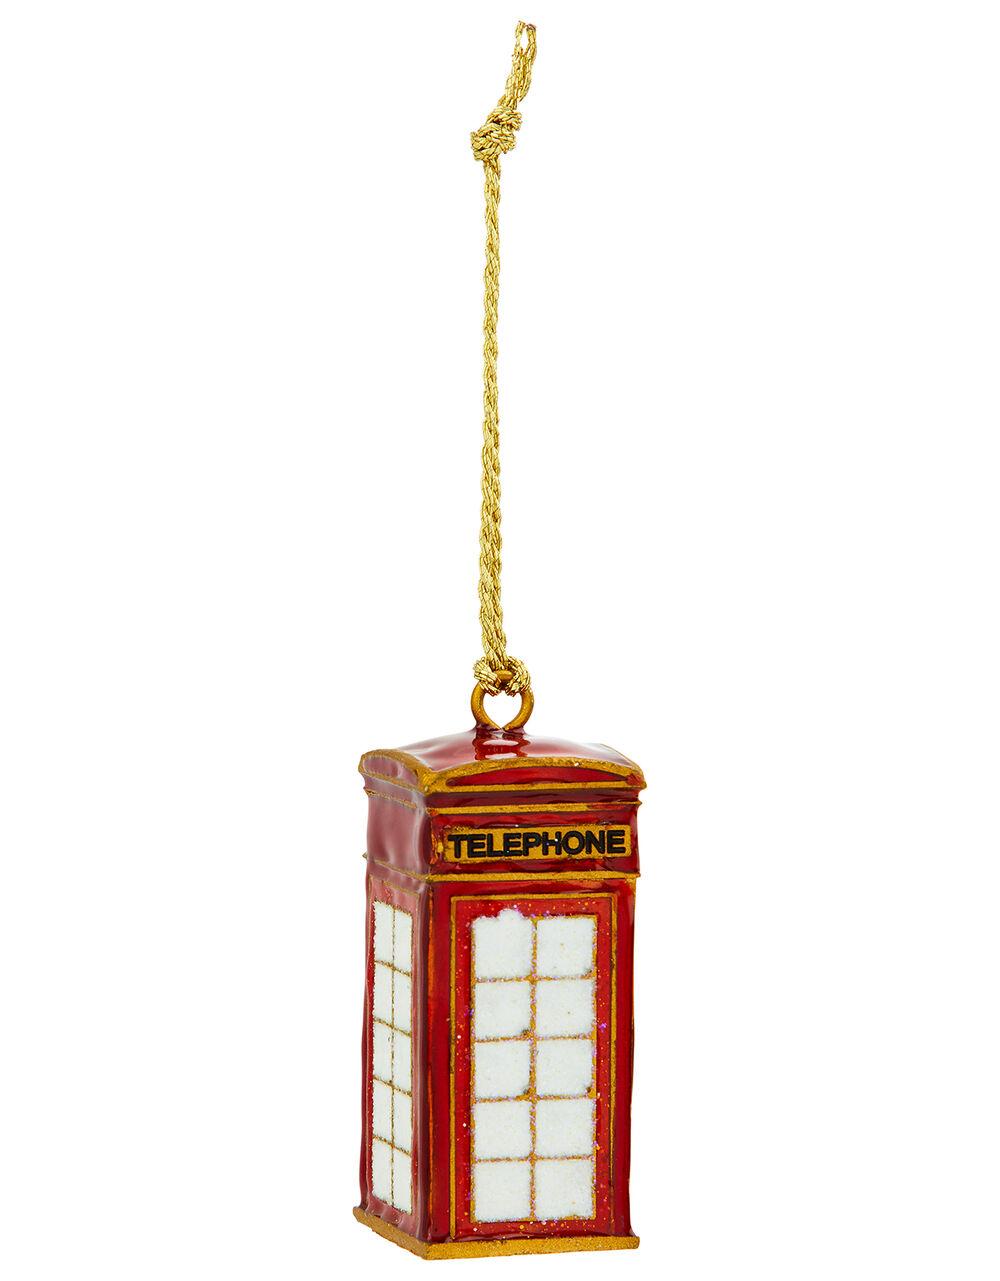 London Telephone Box Hanging Decoration, , large